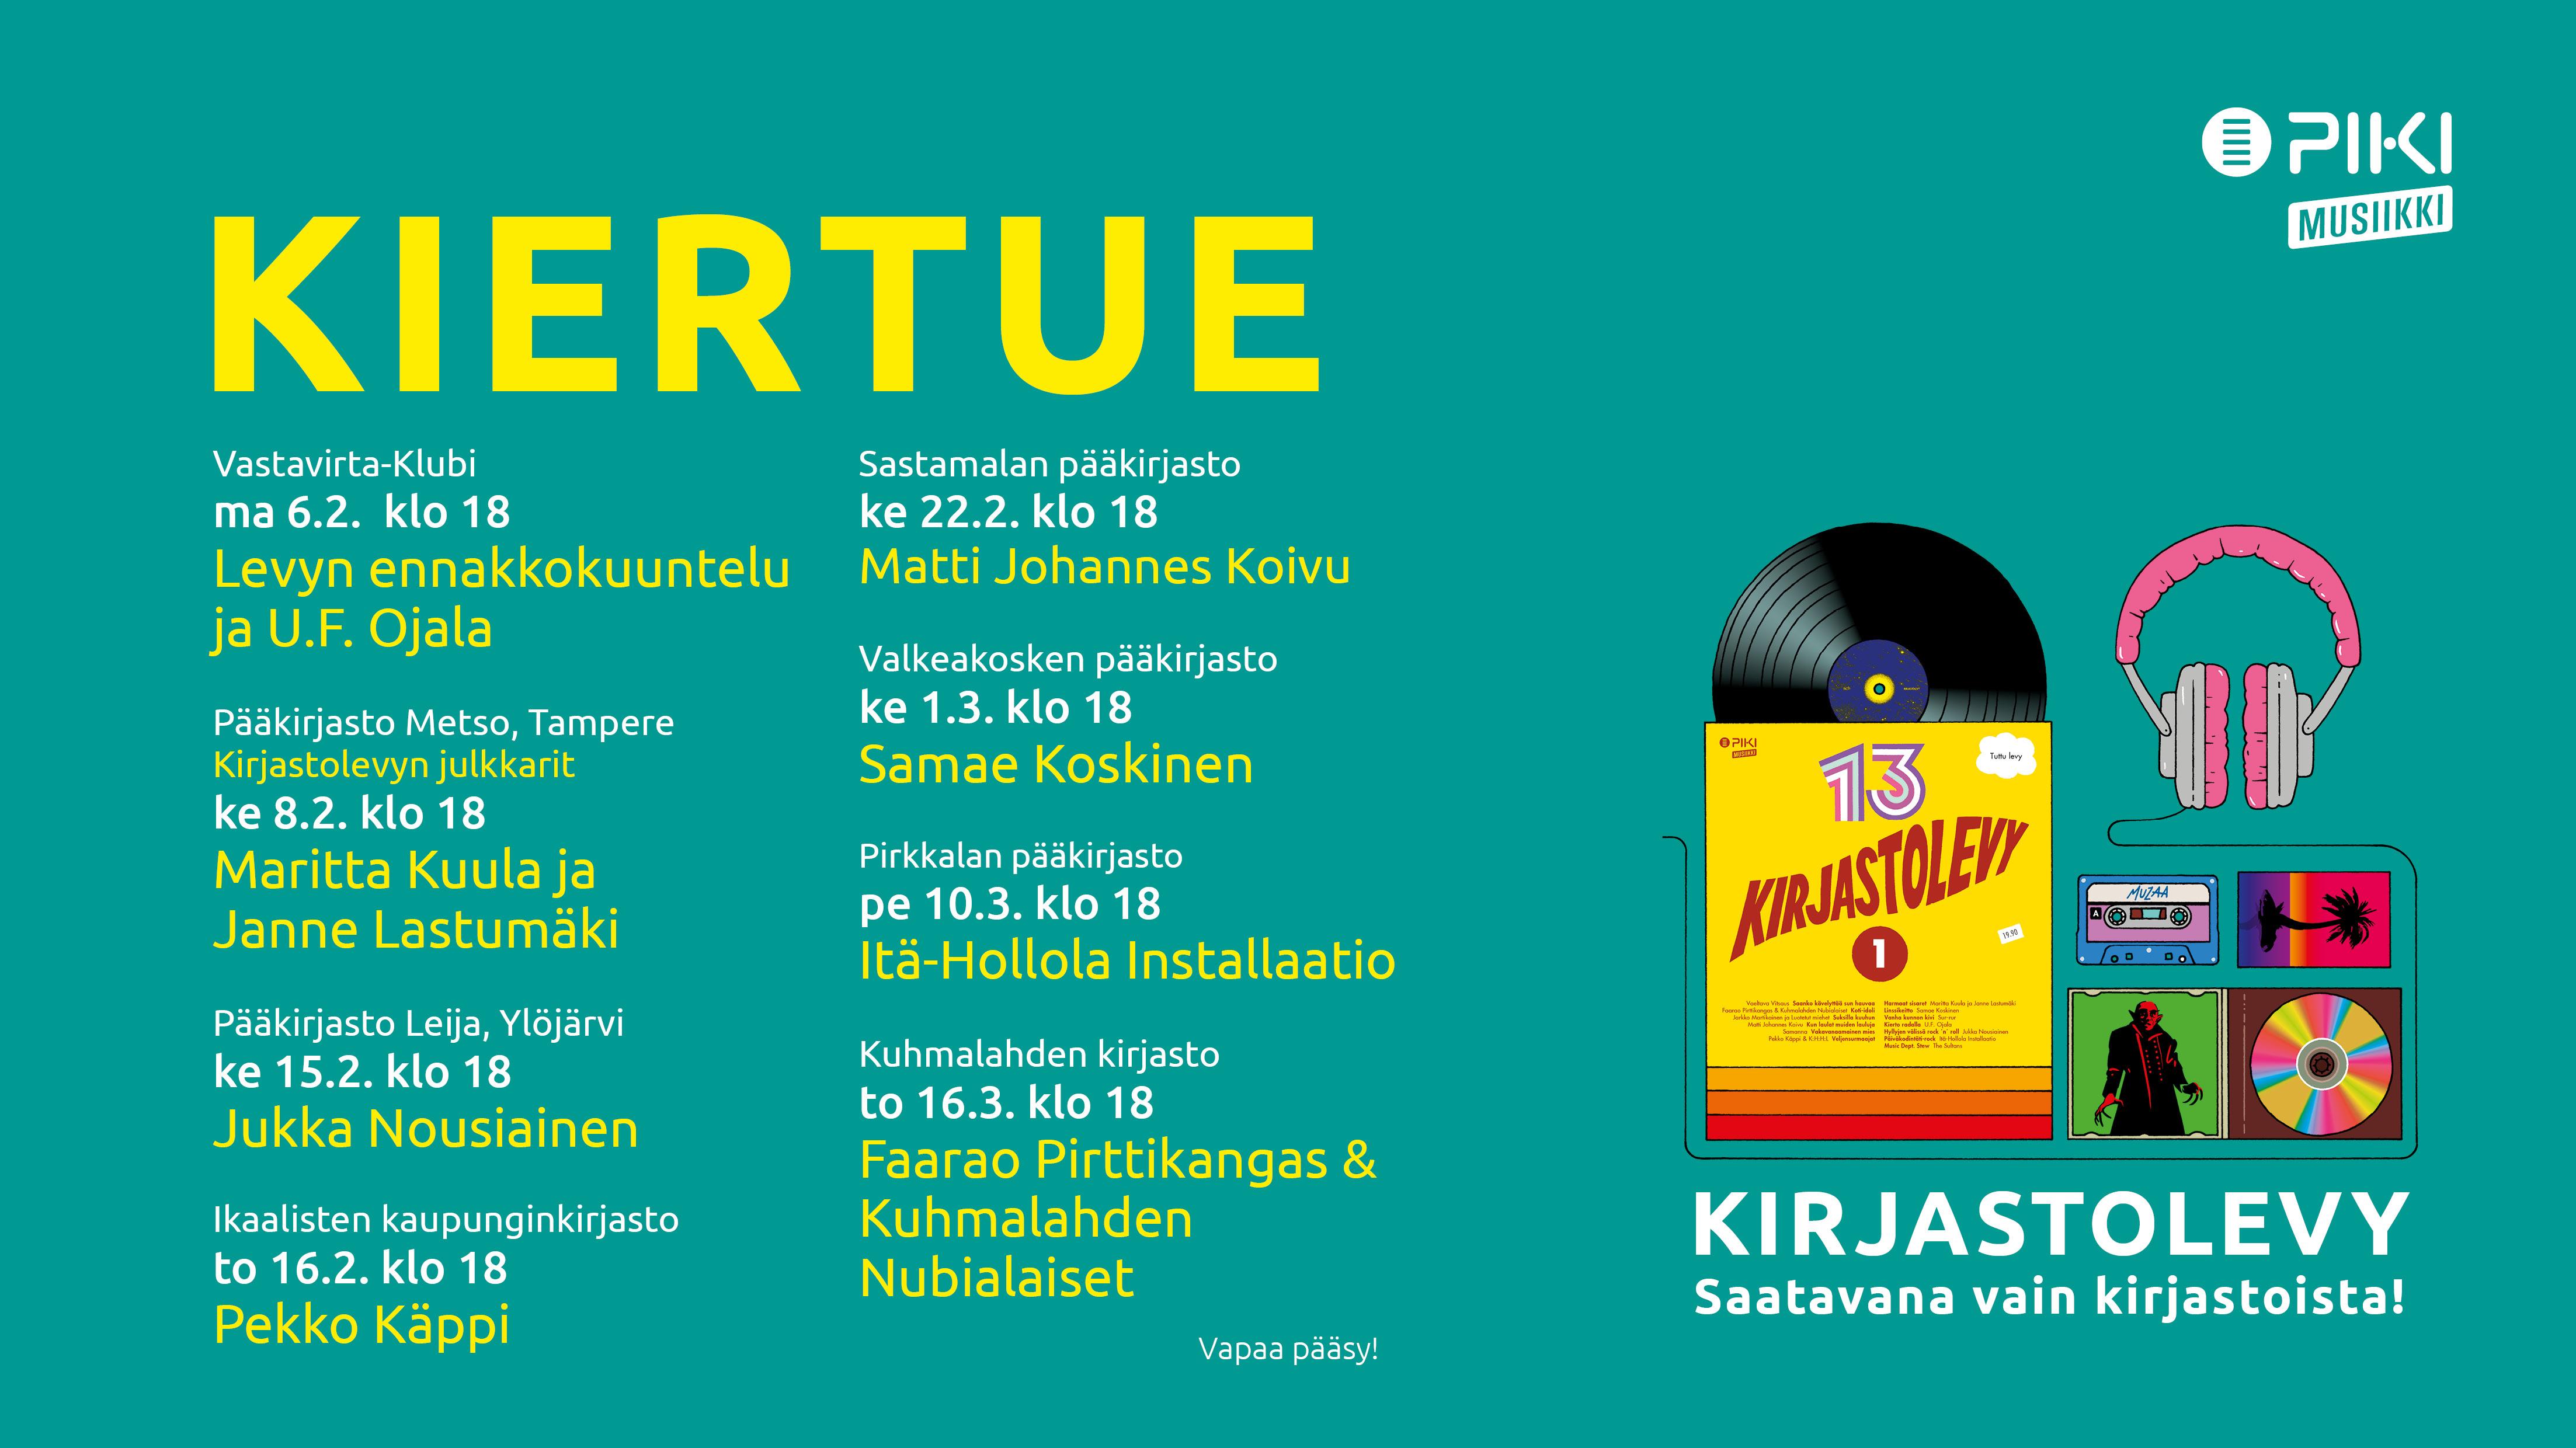 Kirjastolevykiertue valtaa Pirkanmaata helmi-maaliskuussa 2017.